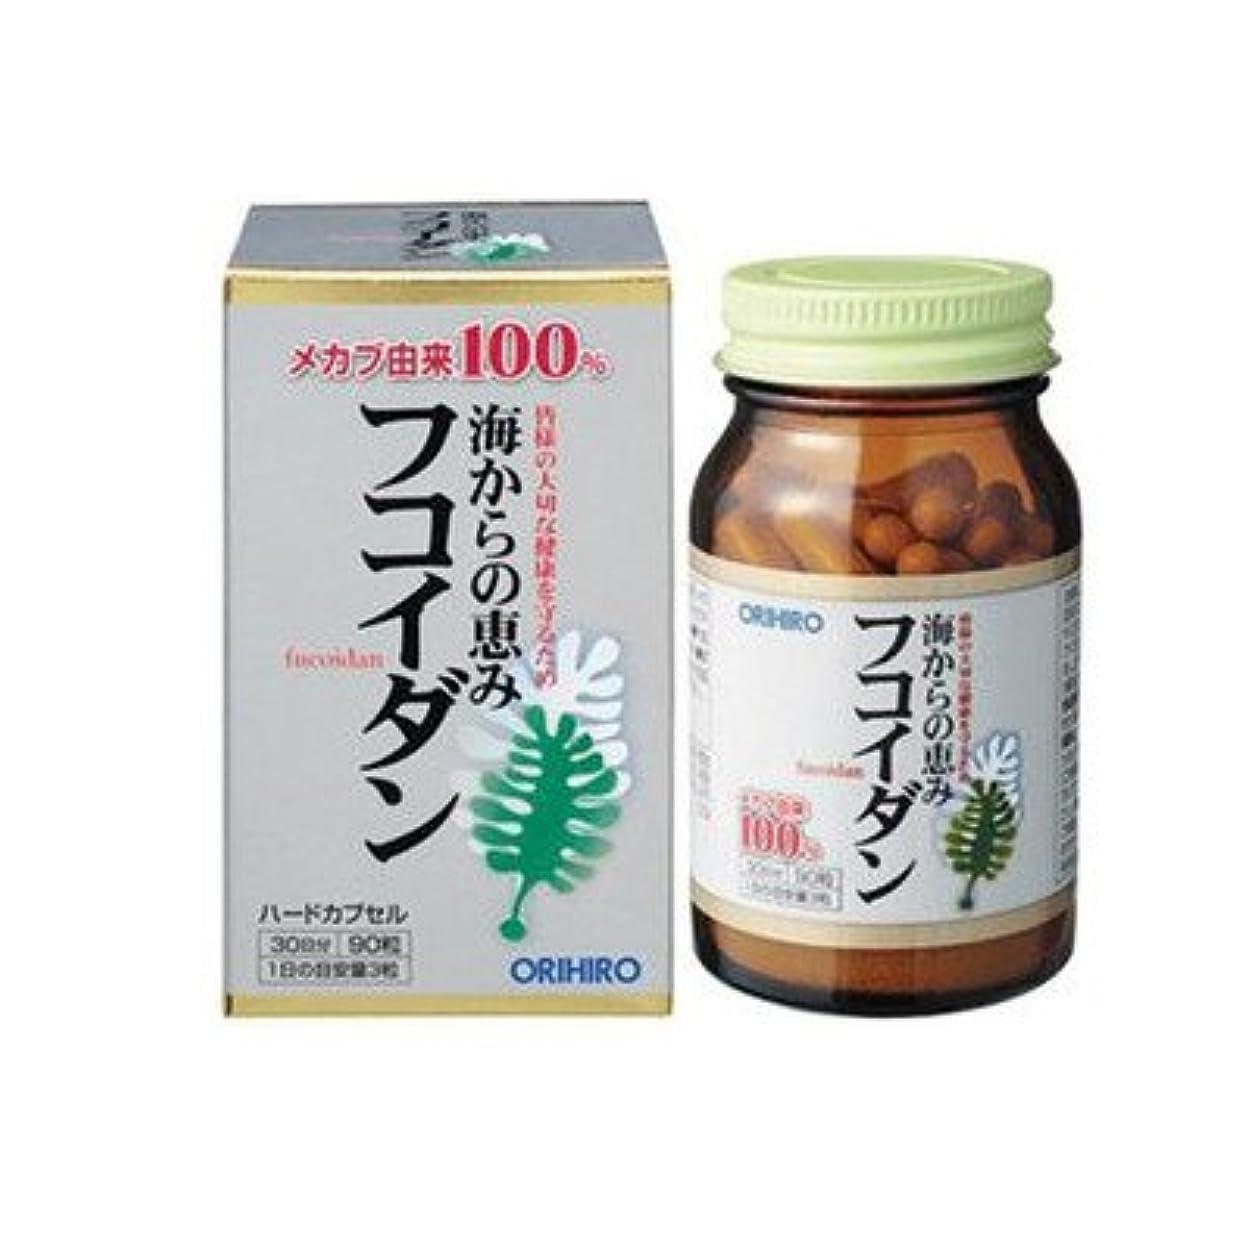 ひまわり展開する夜間60209192 オリヒロ フコイダン 90粒 毎日のお食事にプラスして健康生活をサポート